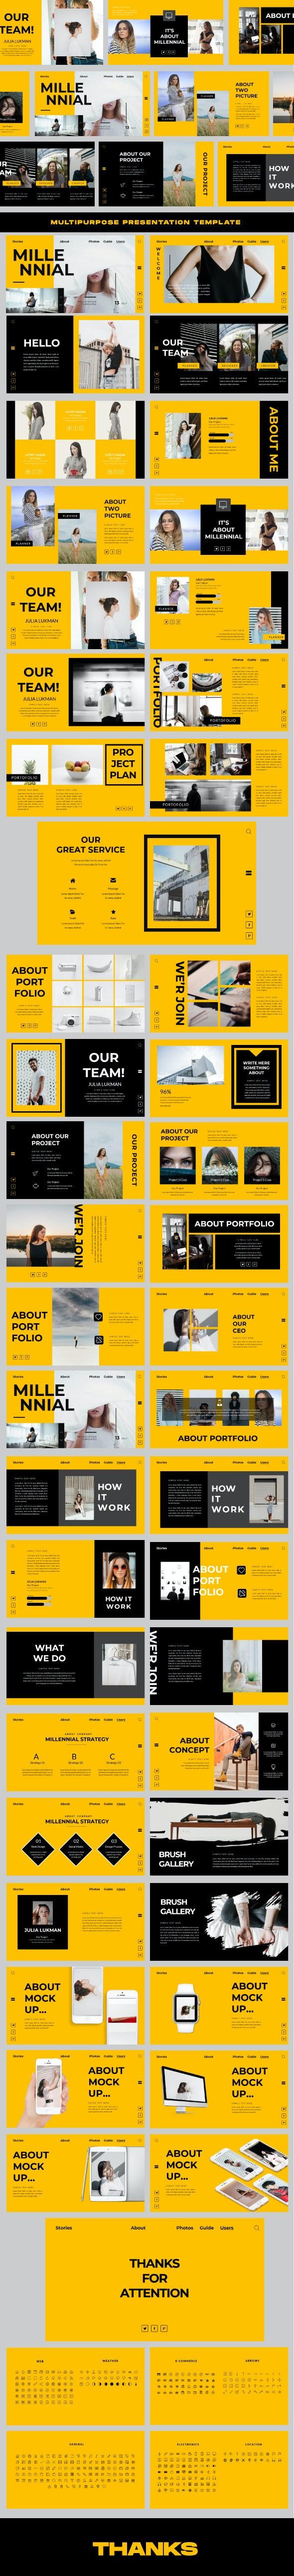 Millennial - Creative Powerpoint - Business PowerPoint Templates